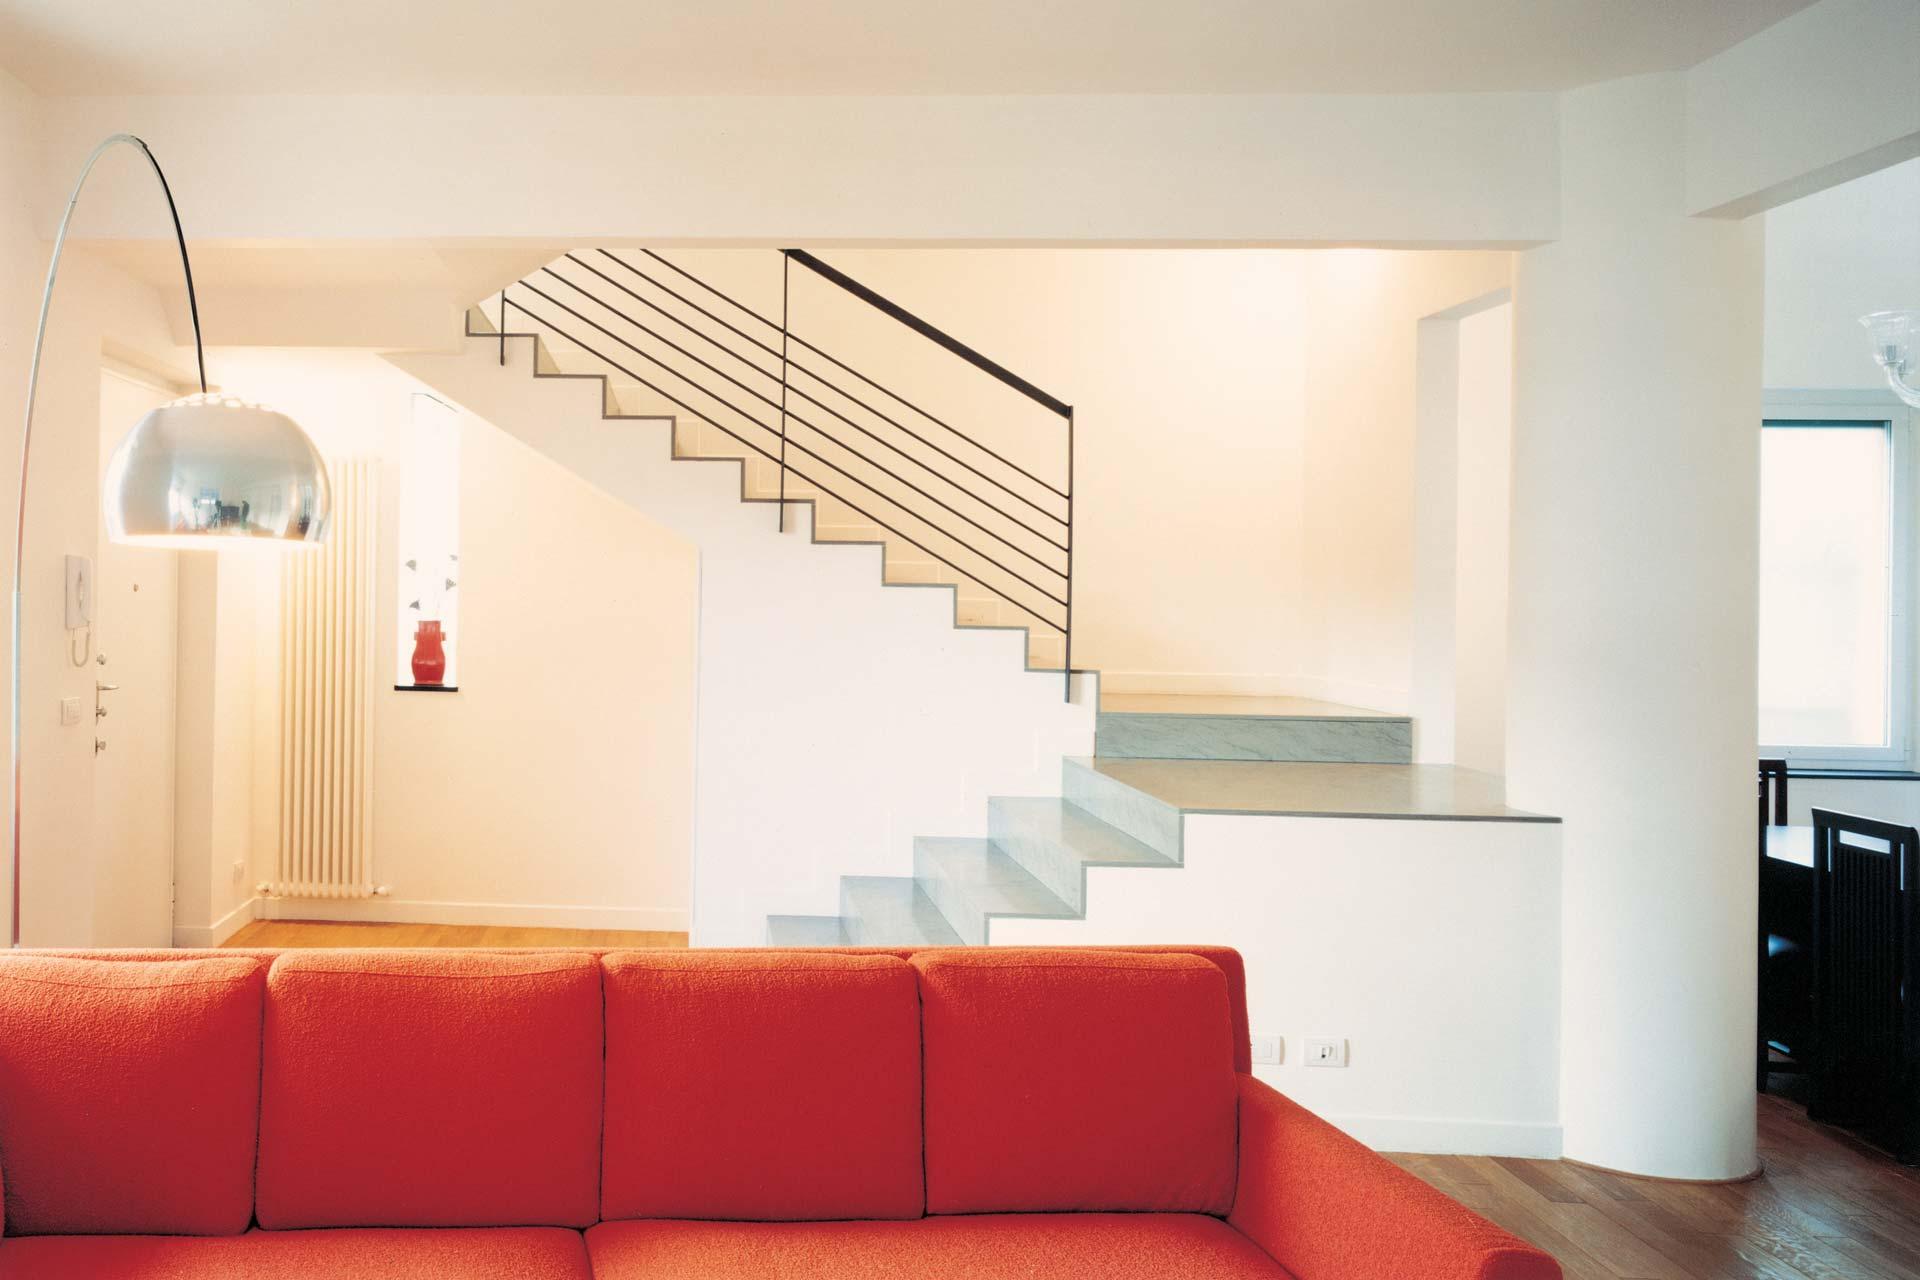 Ristrutturare una casa con spazi fluenti, Roberto Silvestri Architetto